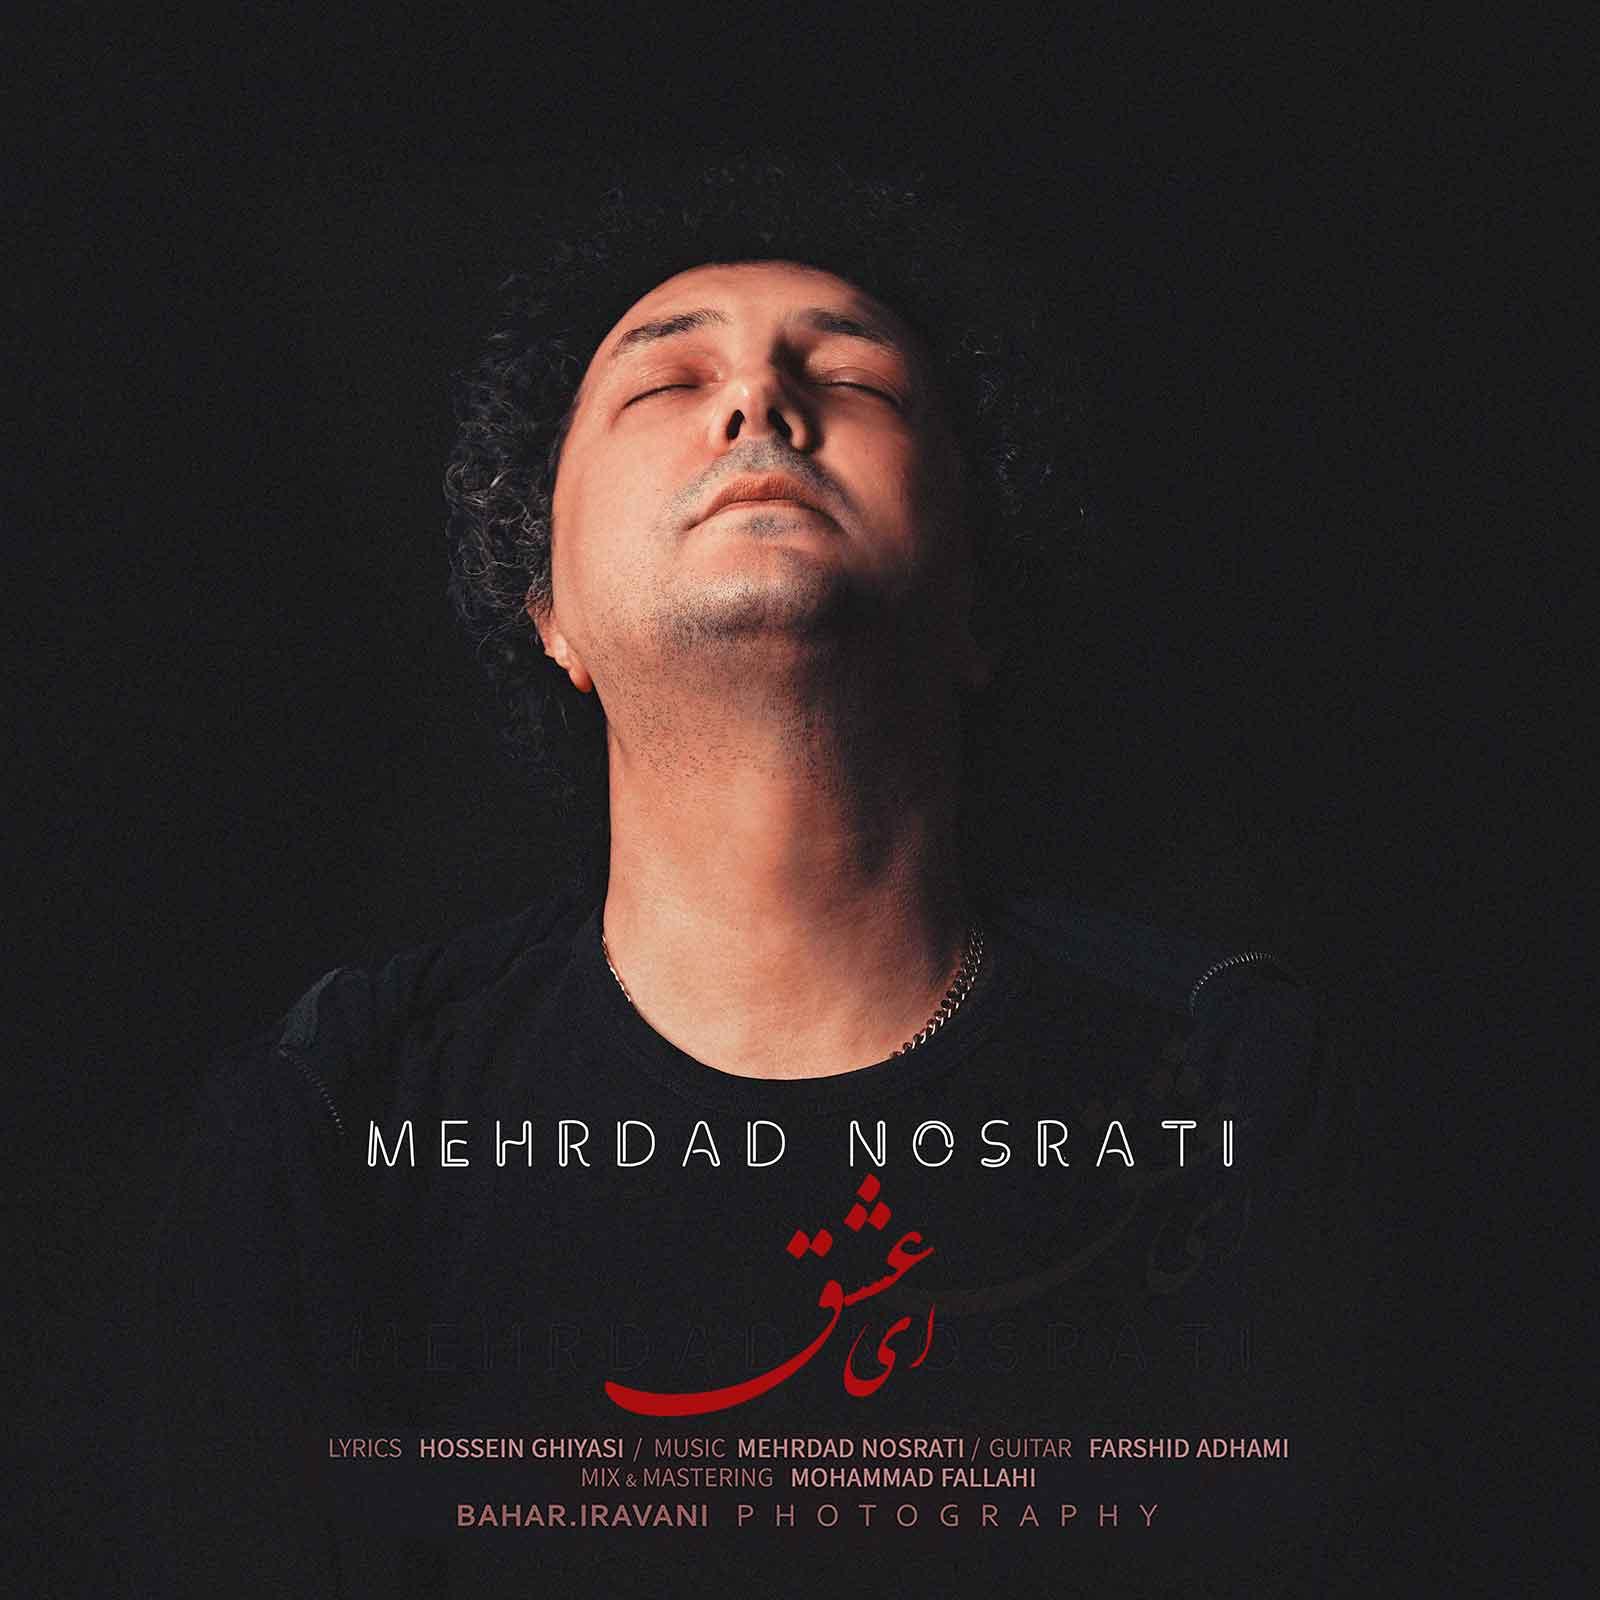 دانلود آهنگ آی عشق از مهرداد نصرتی